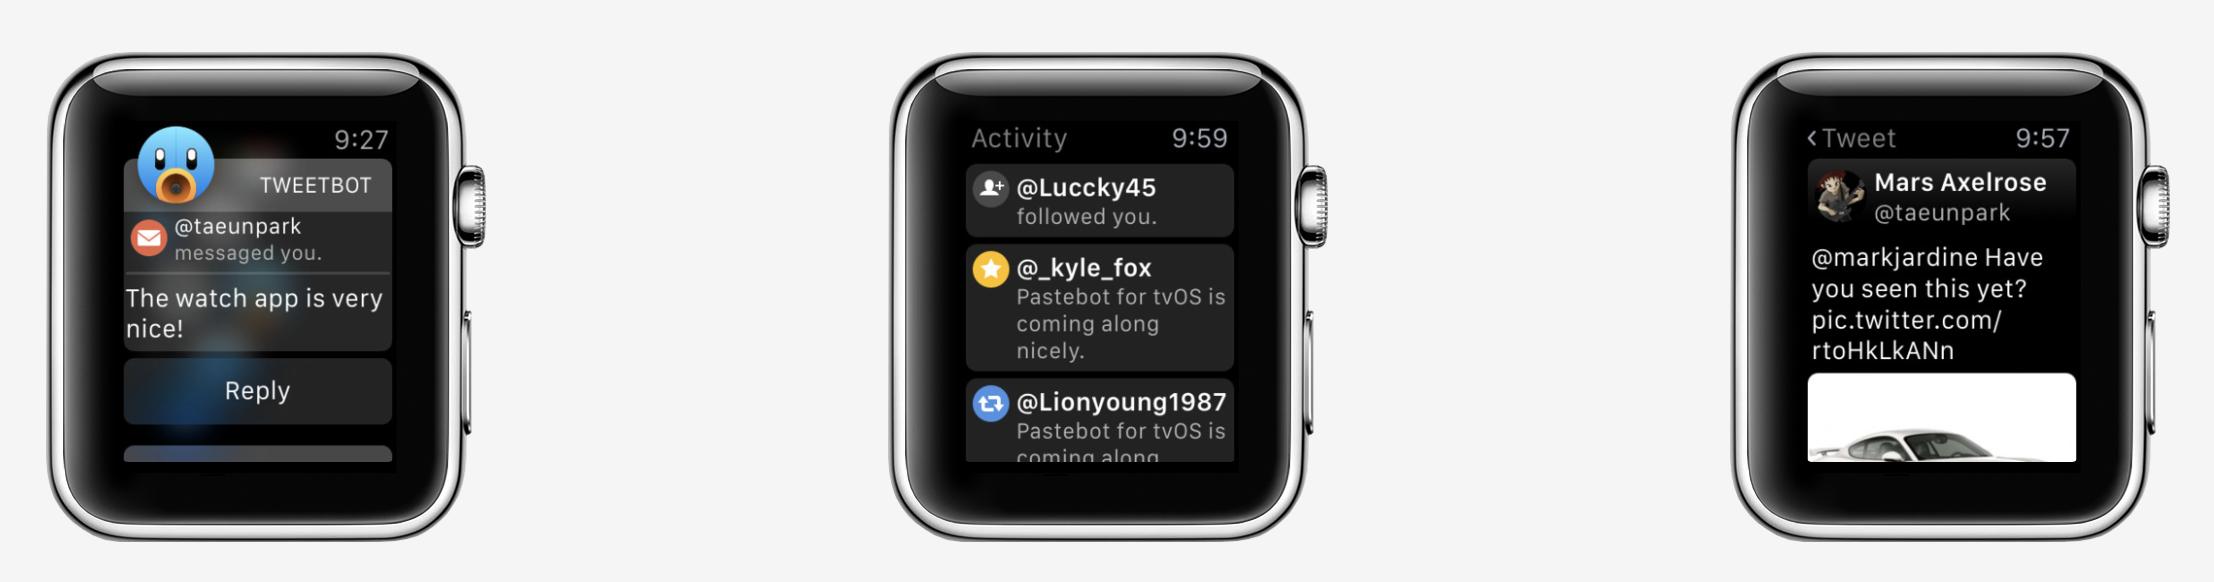 tweetbot apple watch